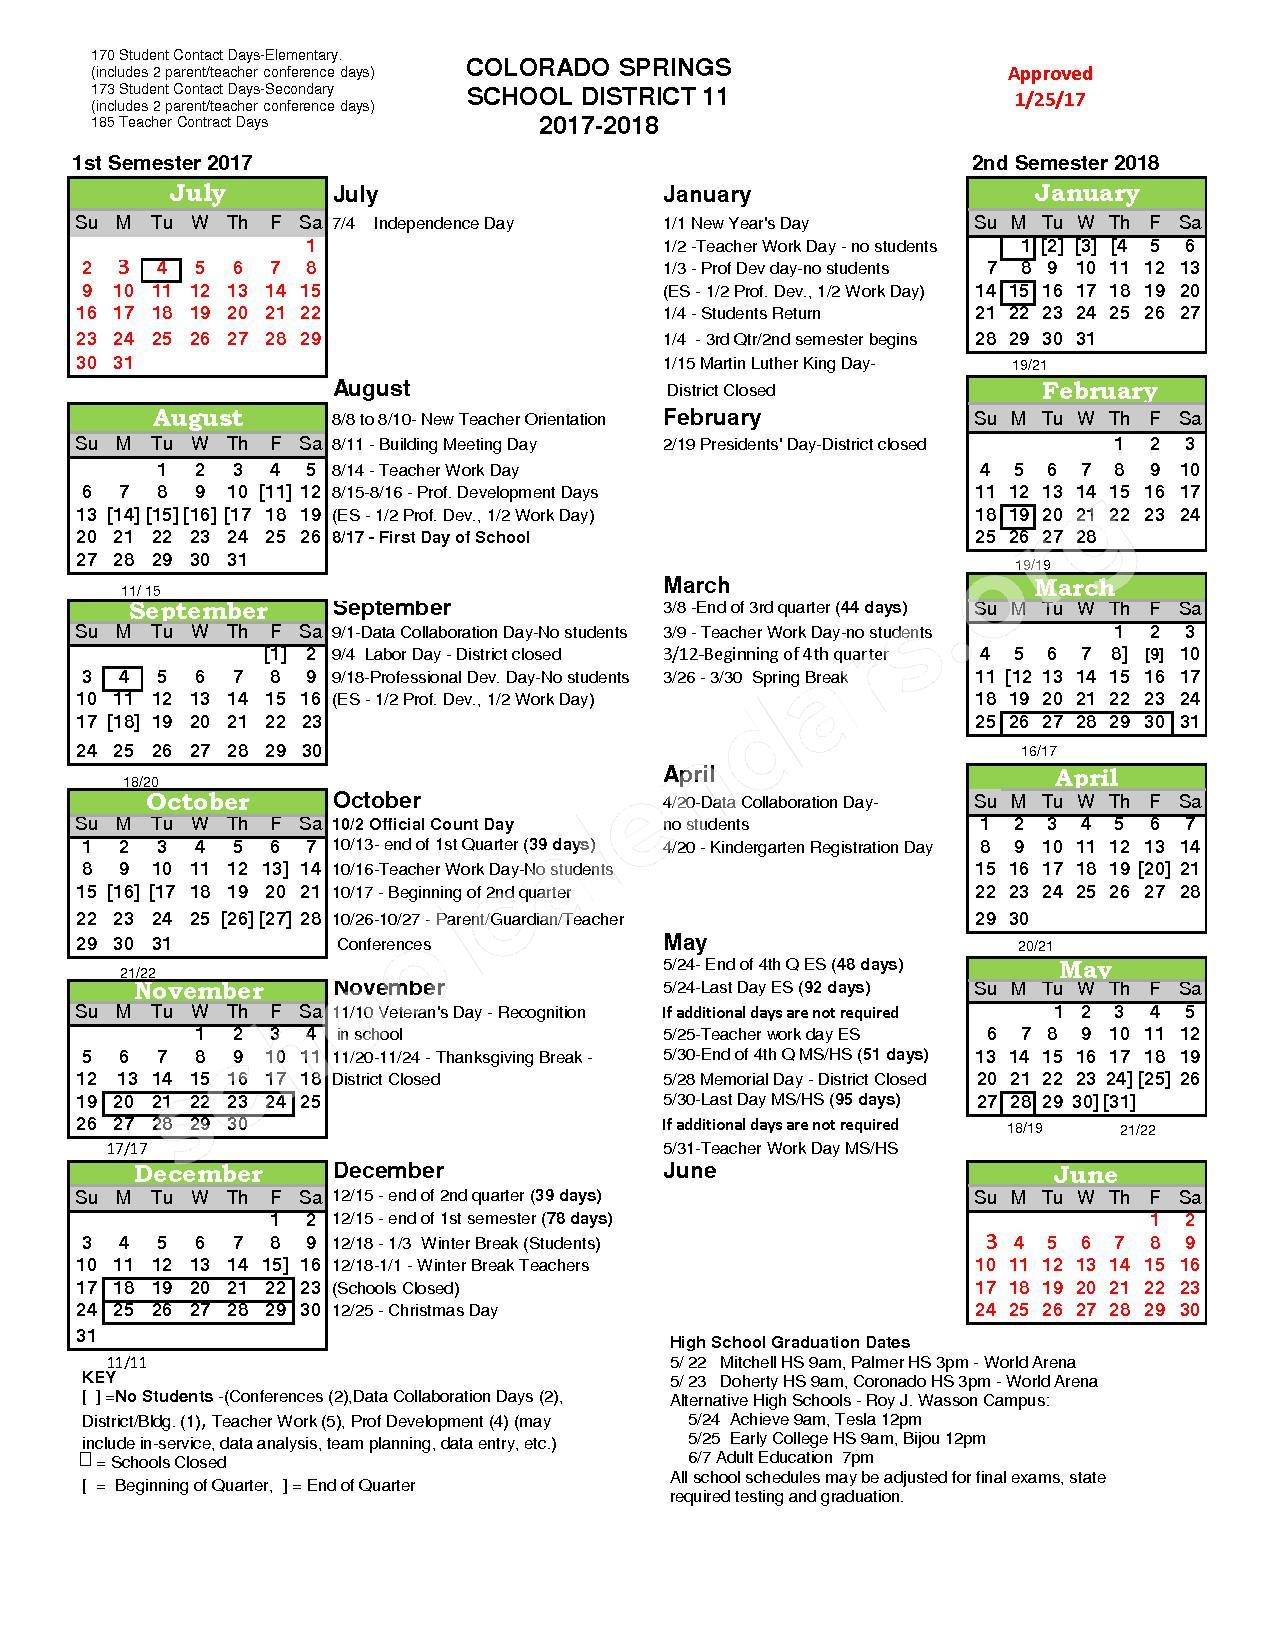 2017 - 2018 District Calendar – Colorado Springs School District 11 – page 1